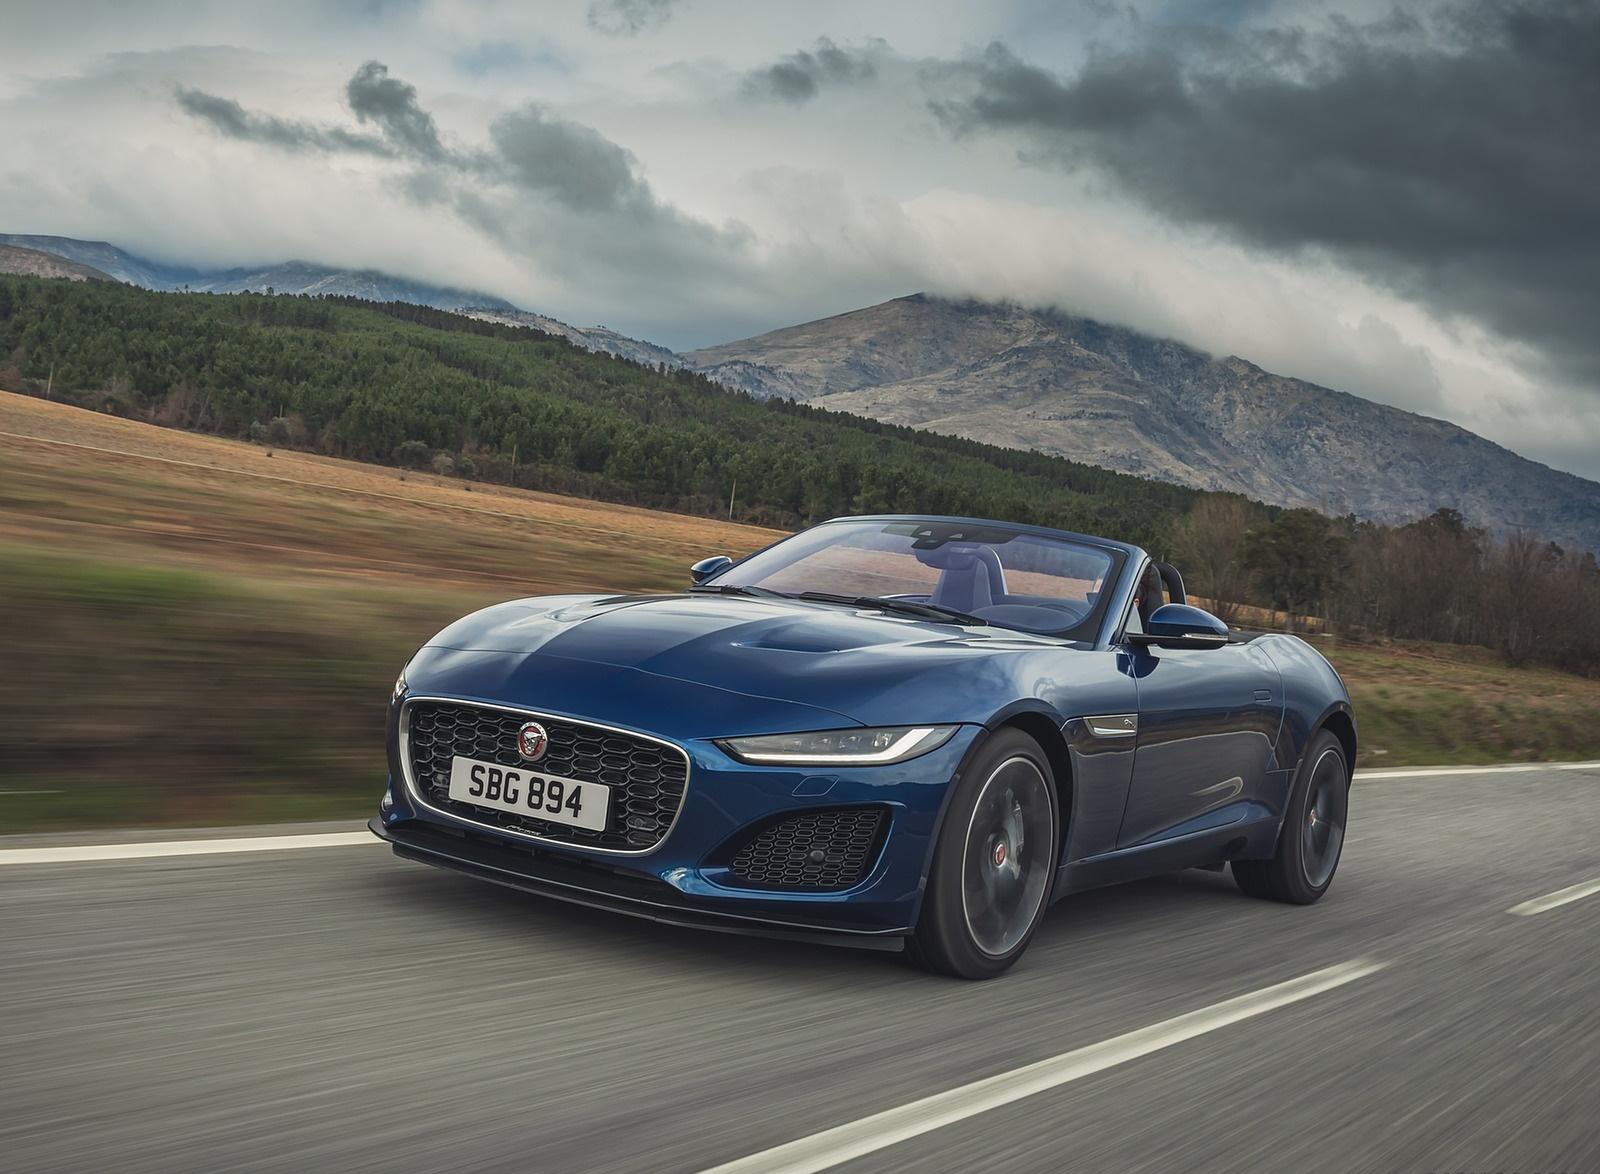 2021 Jaguar F-Type Rumors